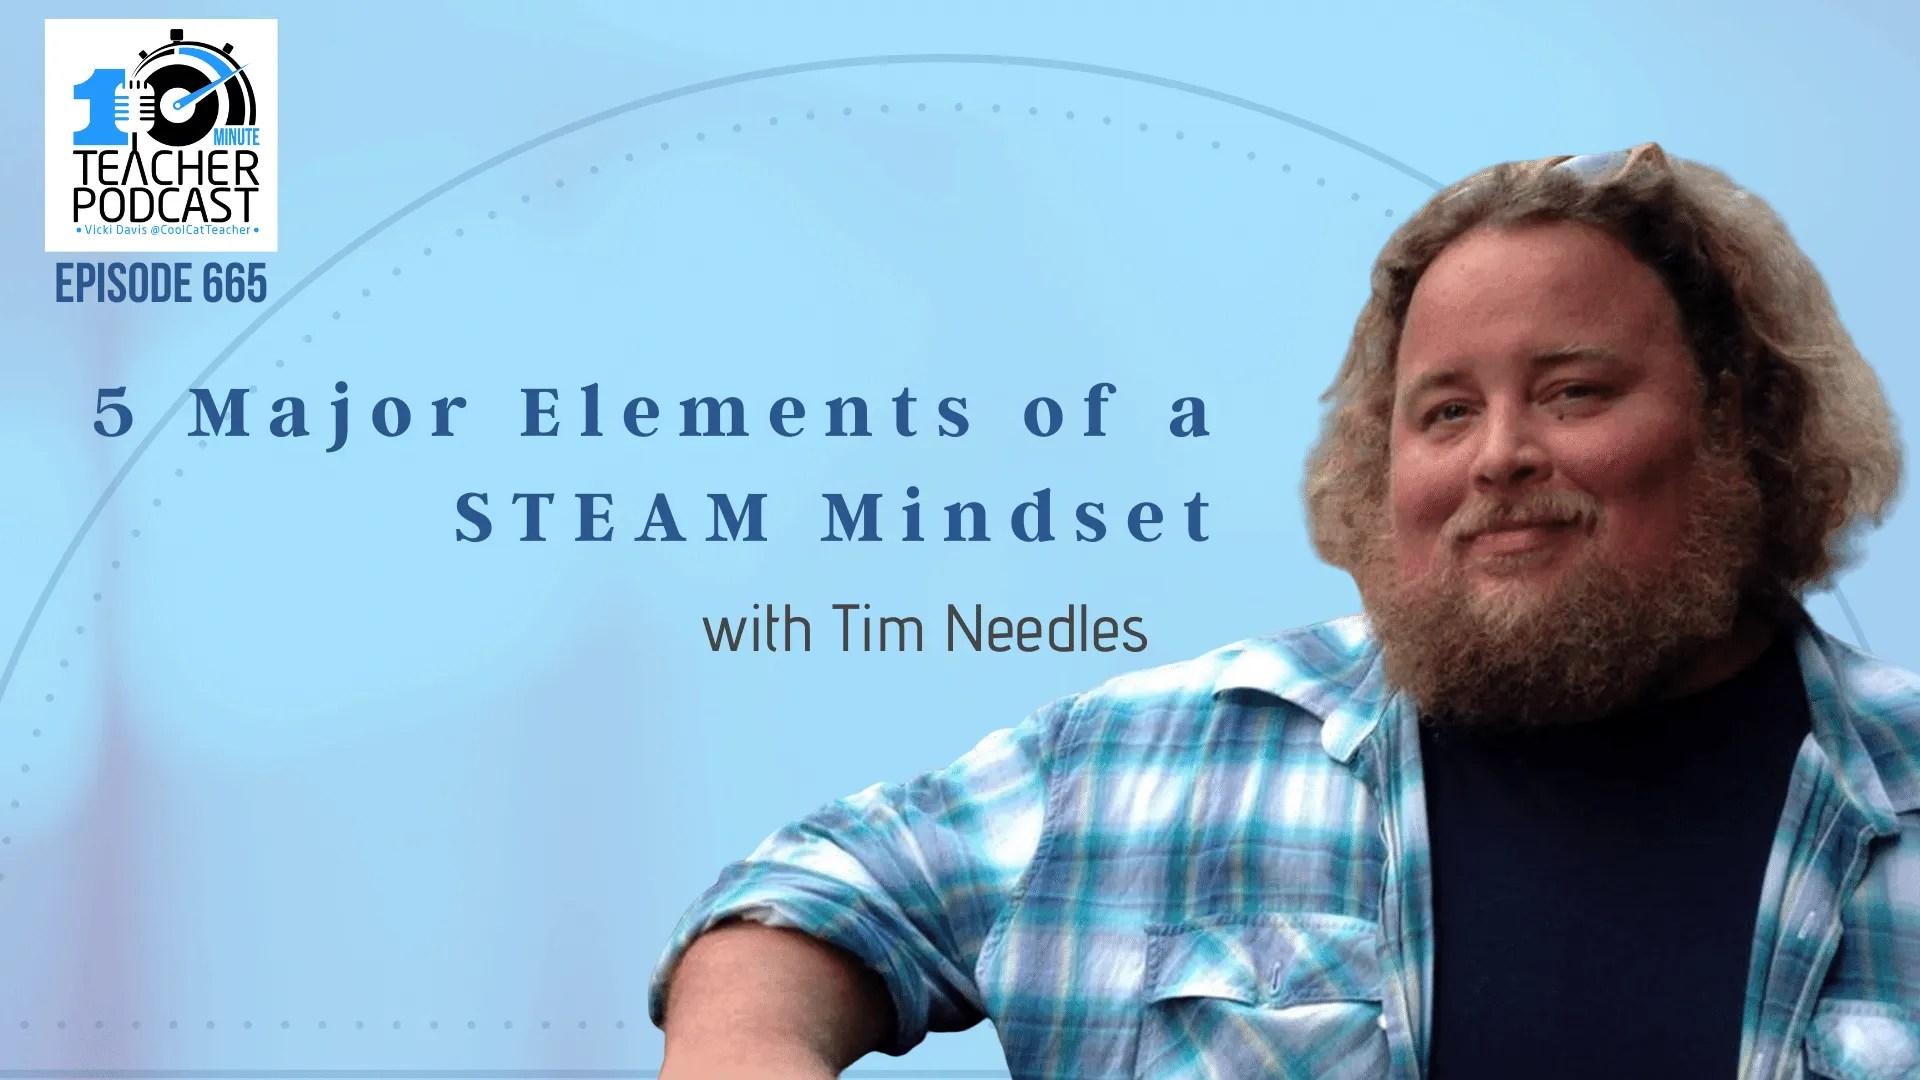 5 Major Elements of a STEAM Mindset